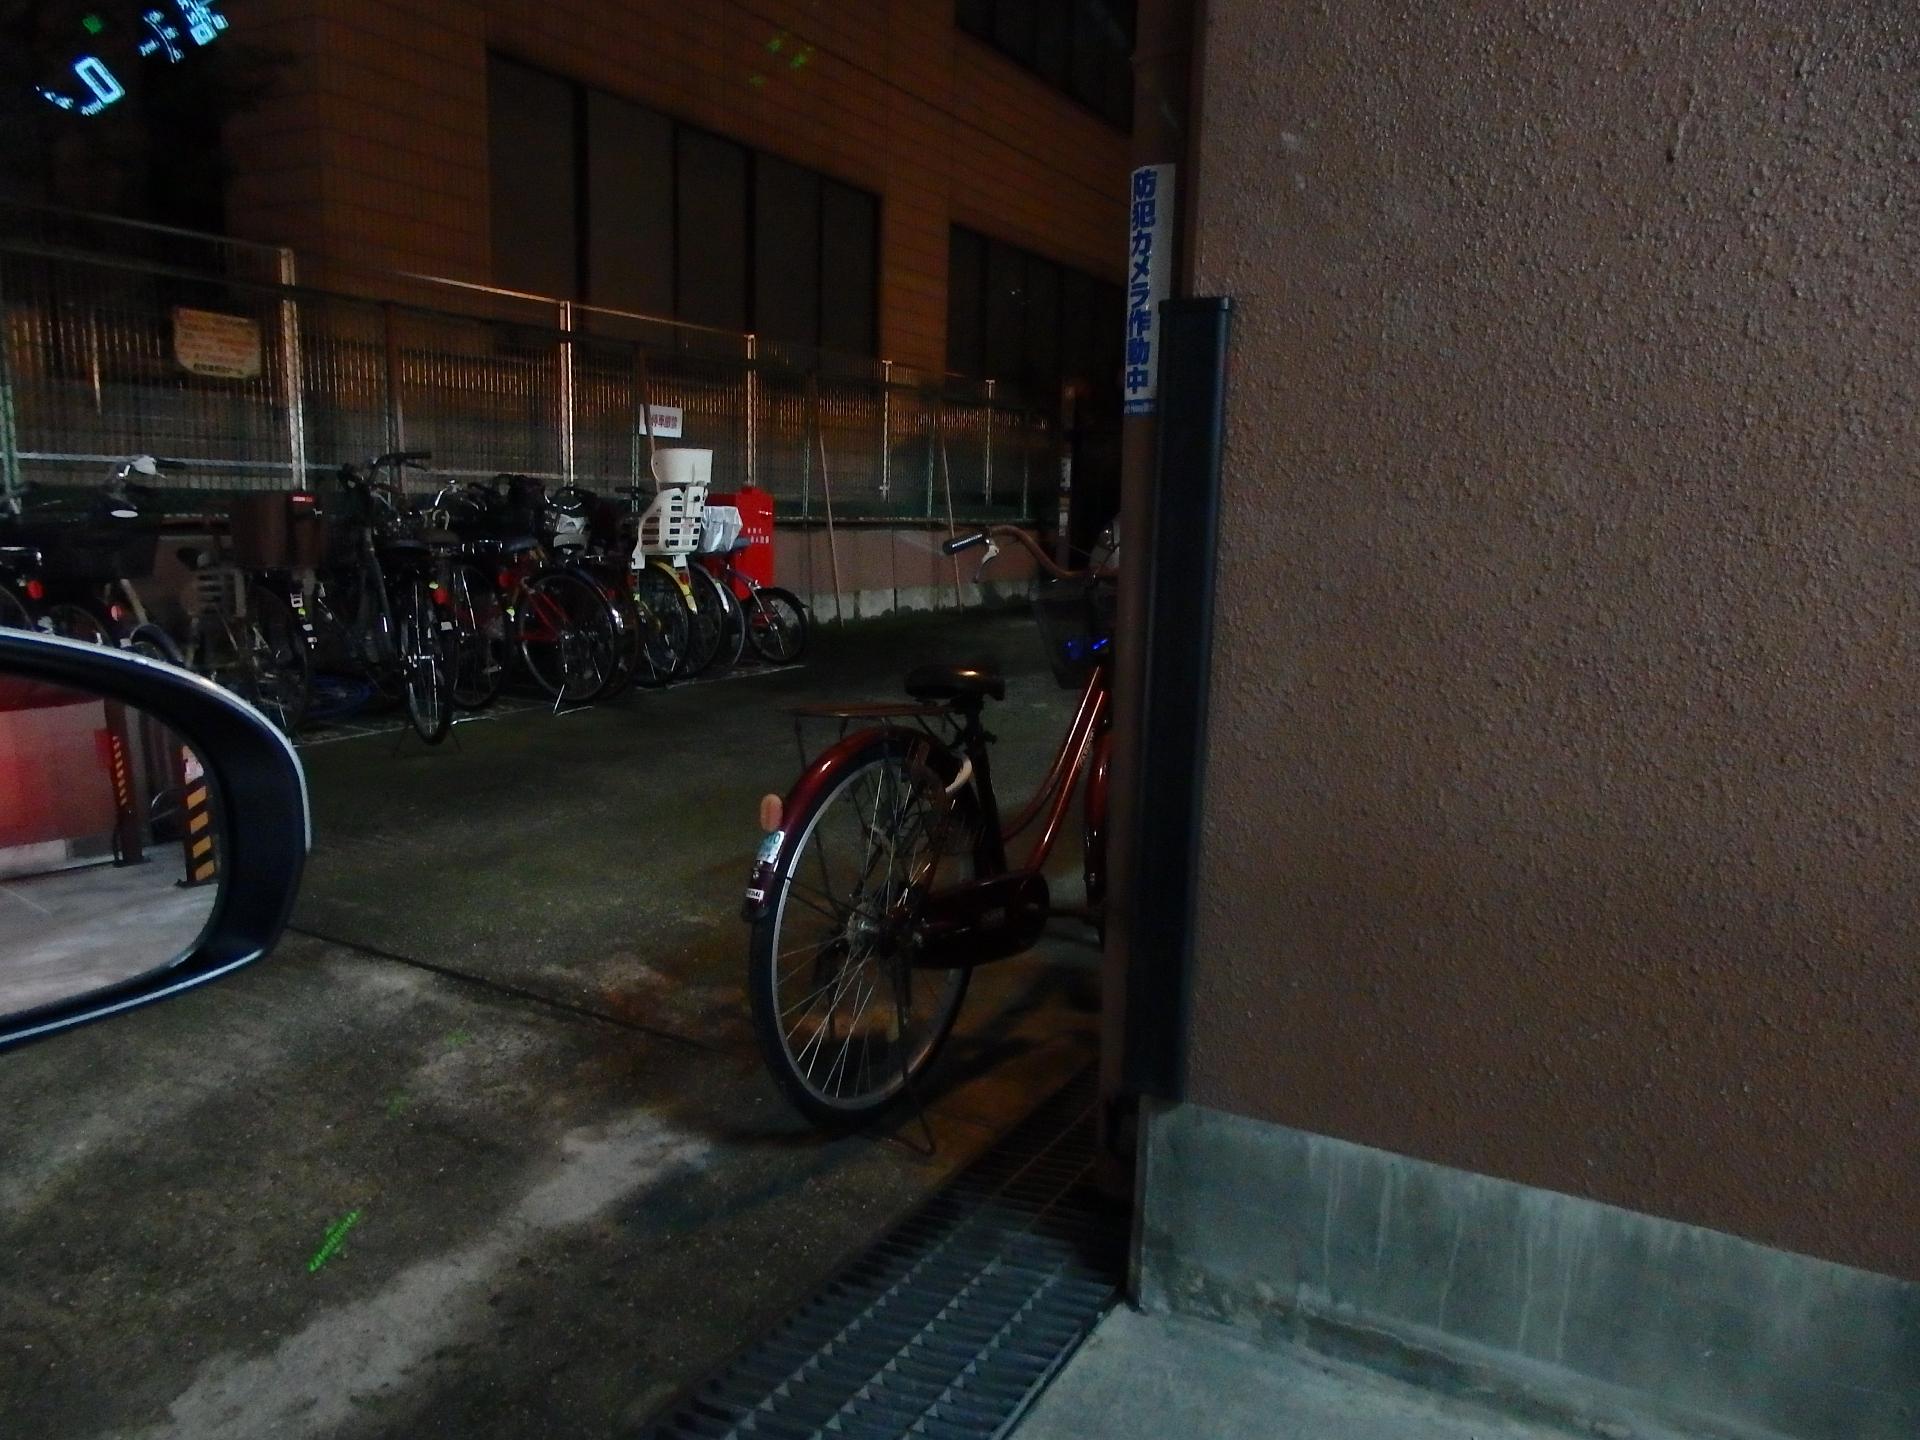 自転車のマナーが悪いです。